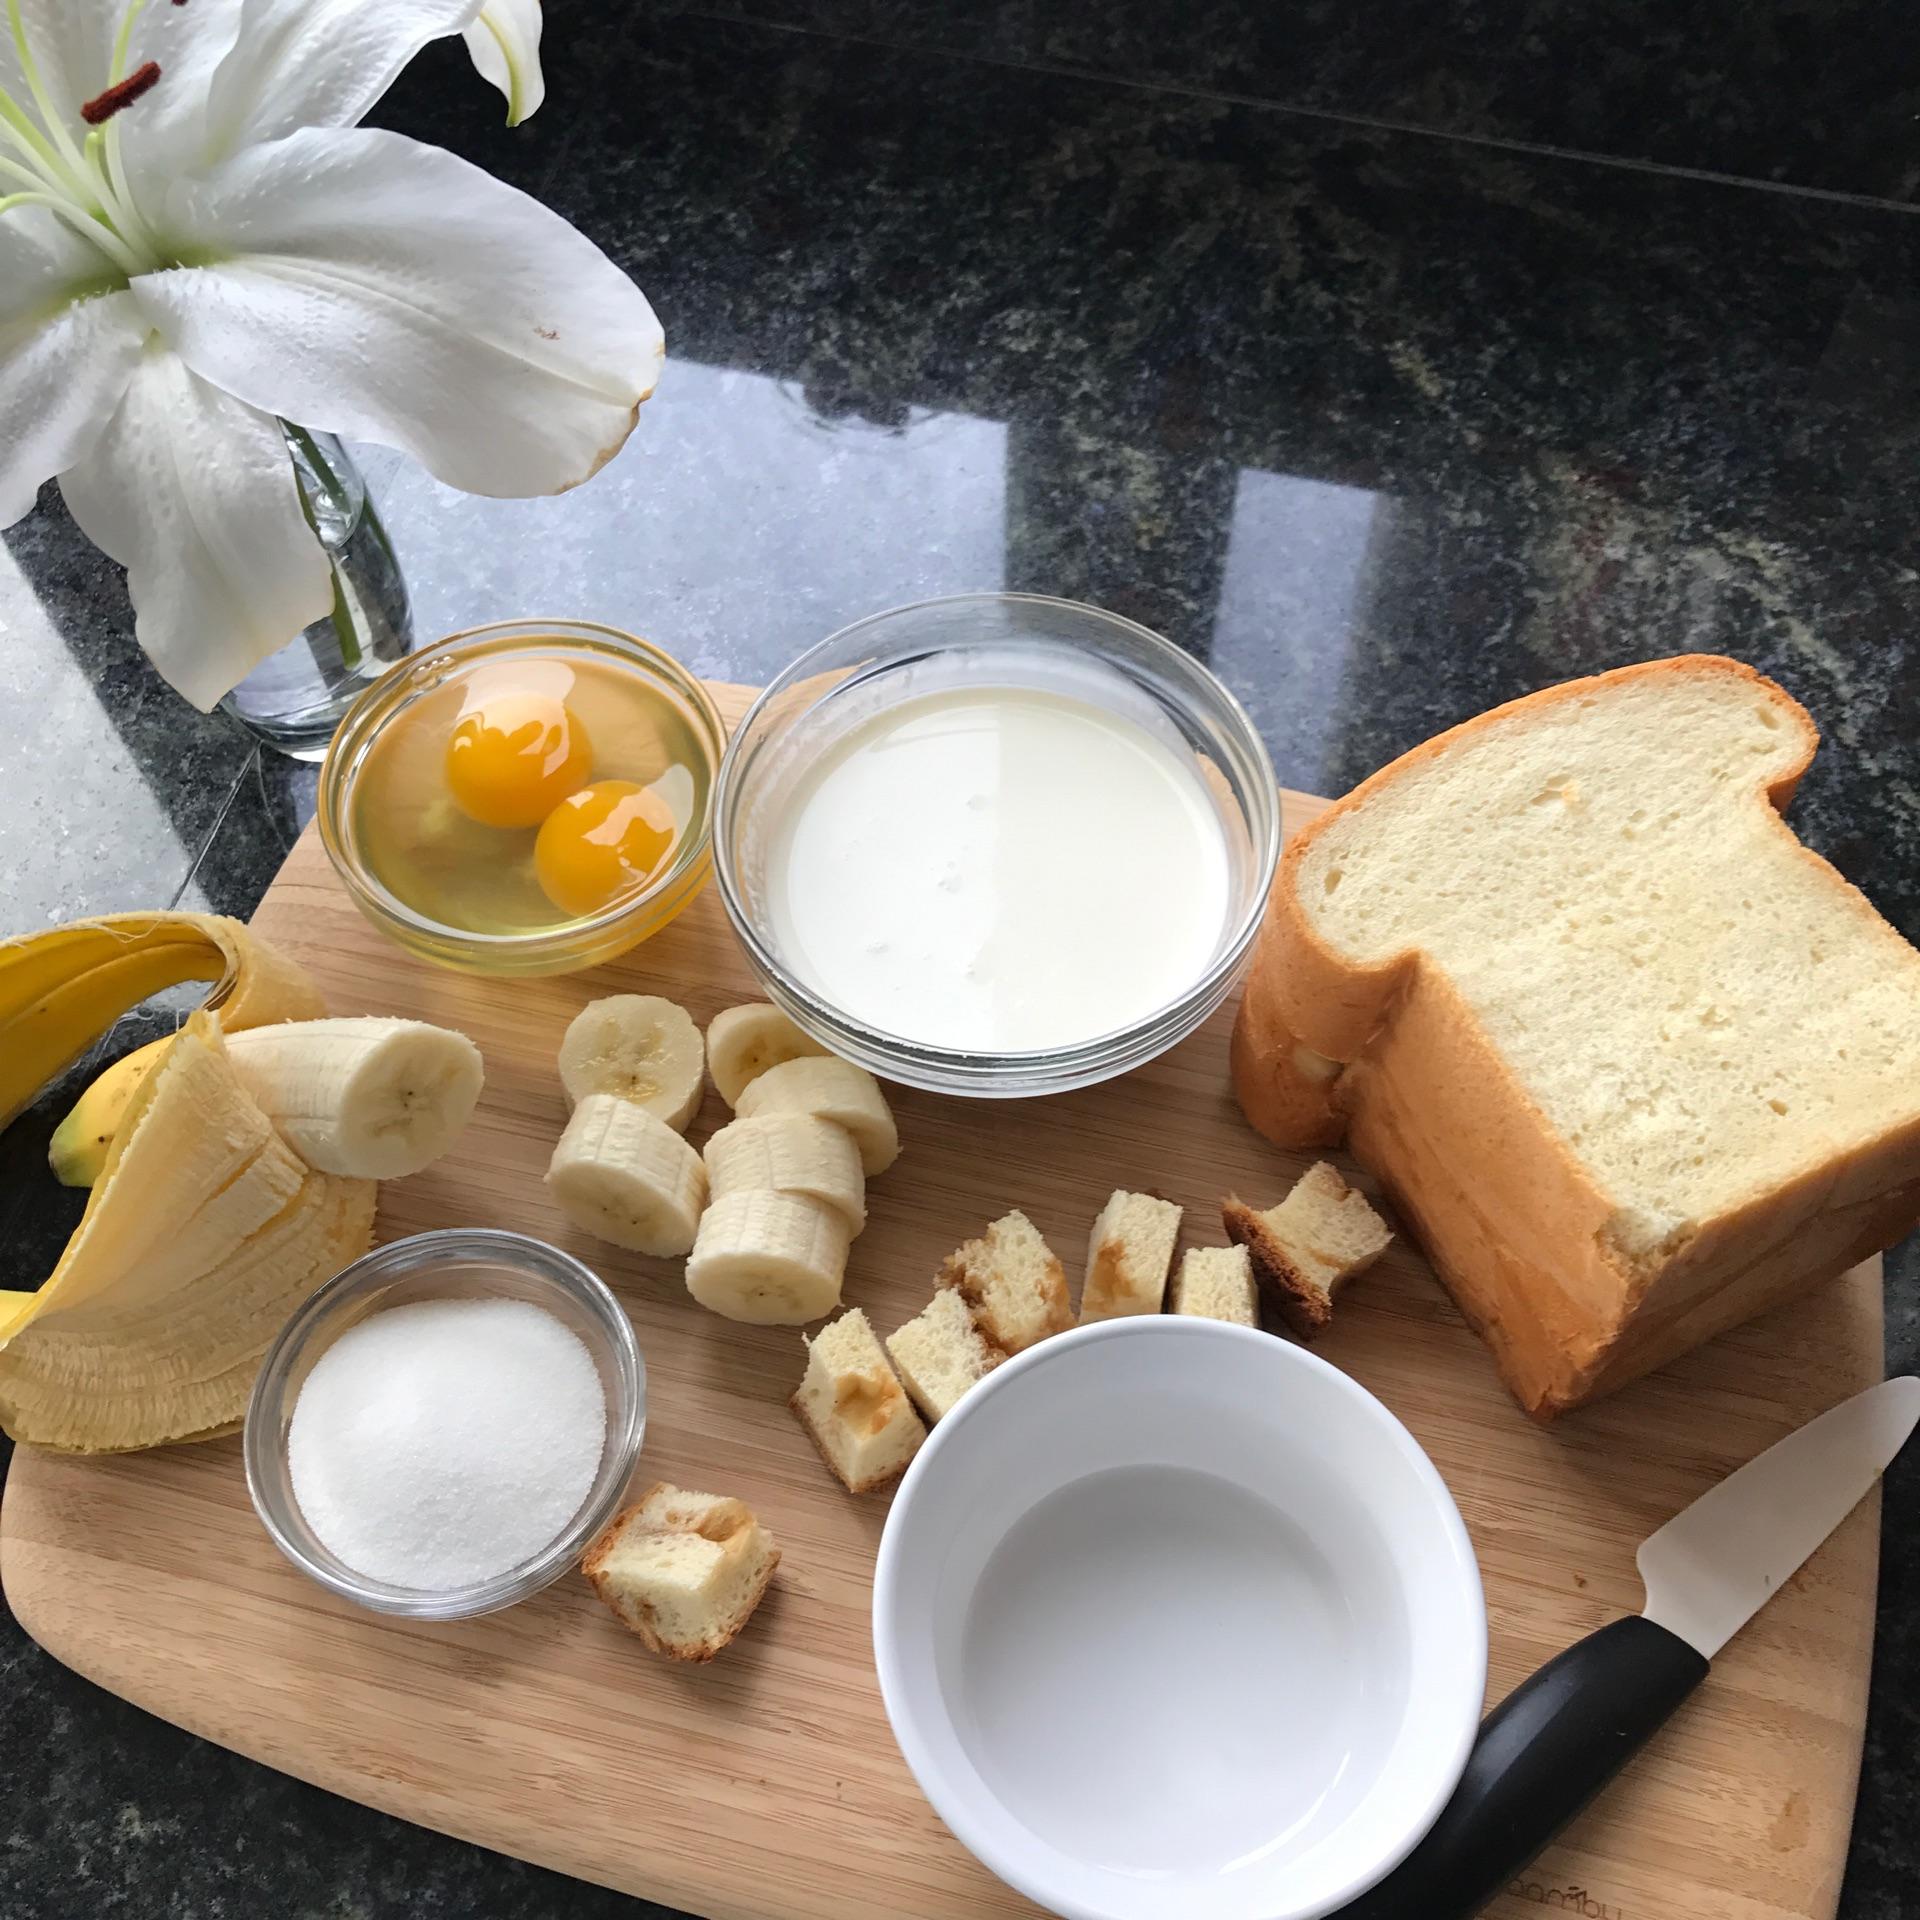 香蕉牛油果奶昔&香蕉面包布丁的做法图解1